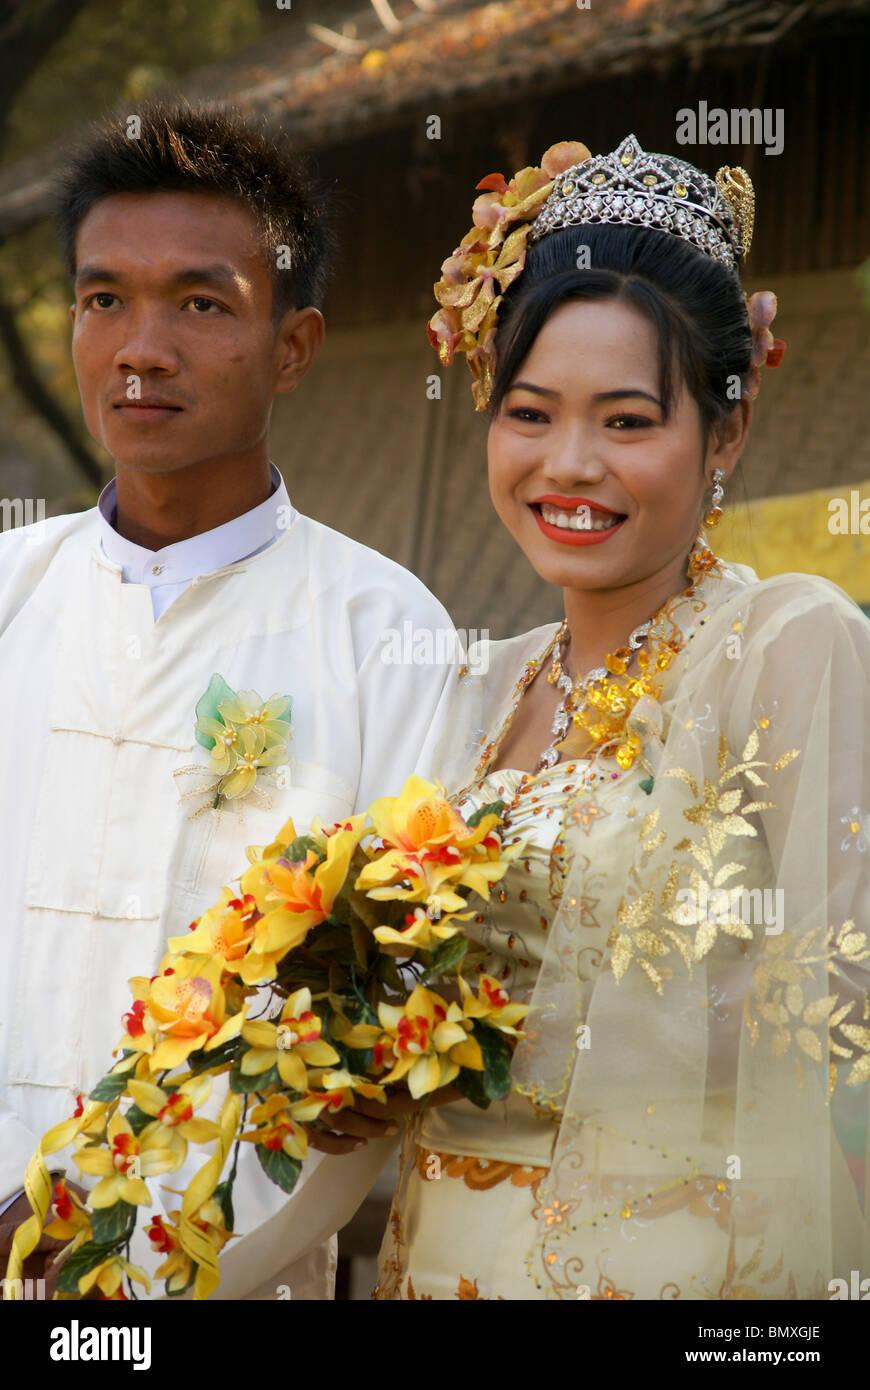 Myanmar Burmese Wedding Stock Photo Royalty Free Image 30087302